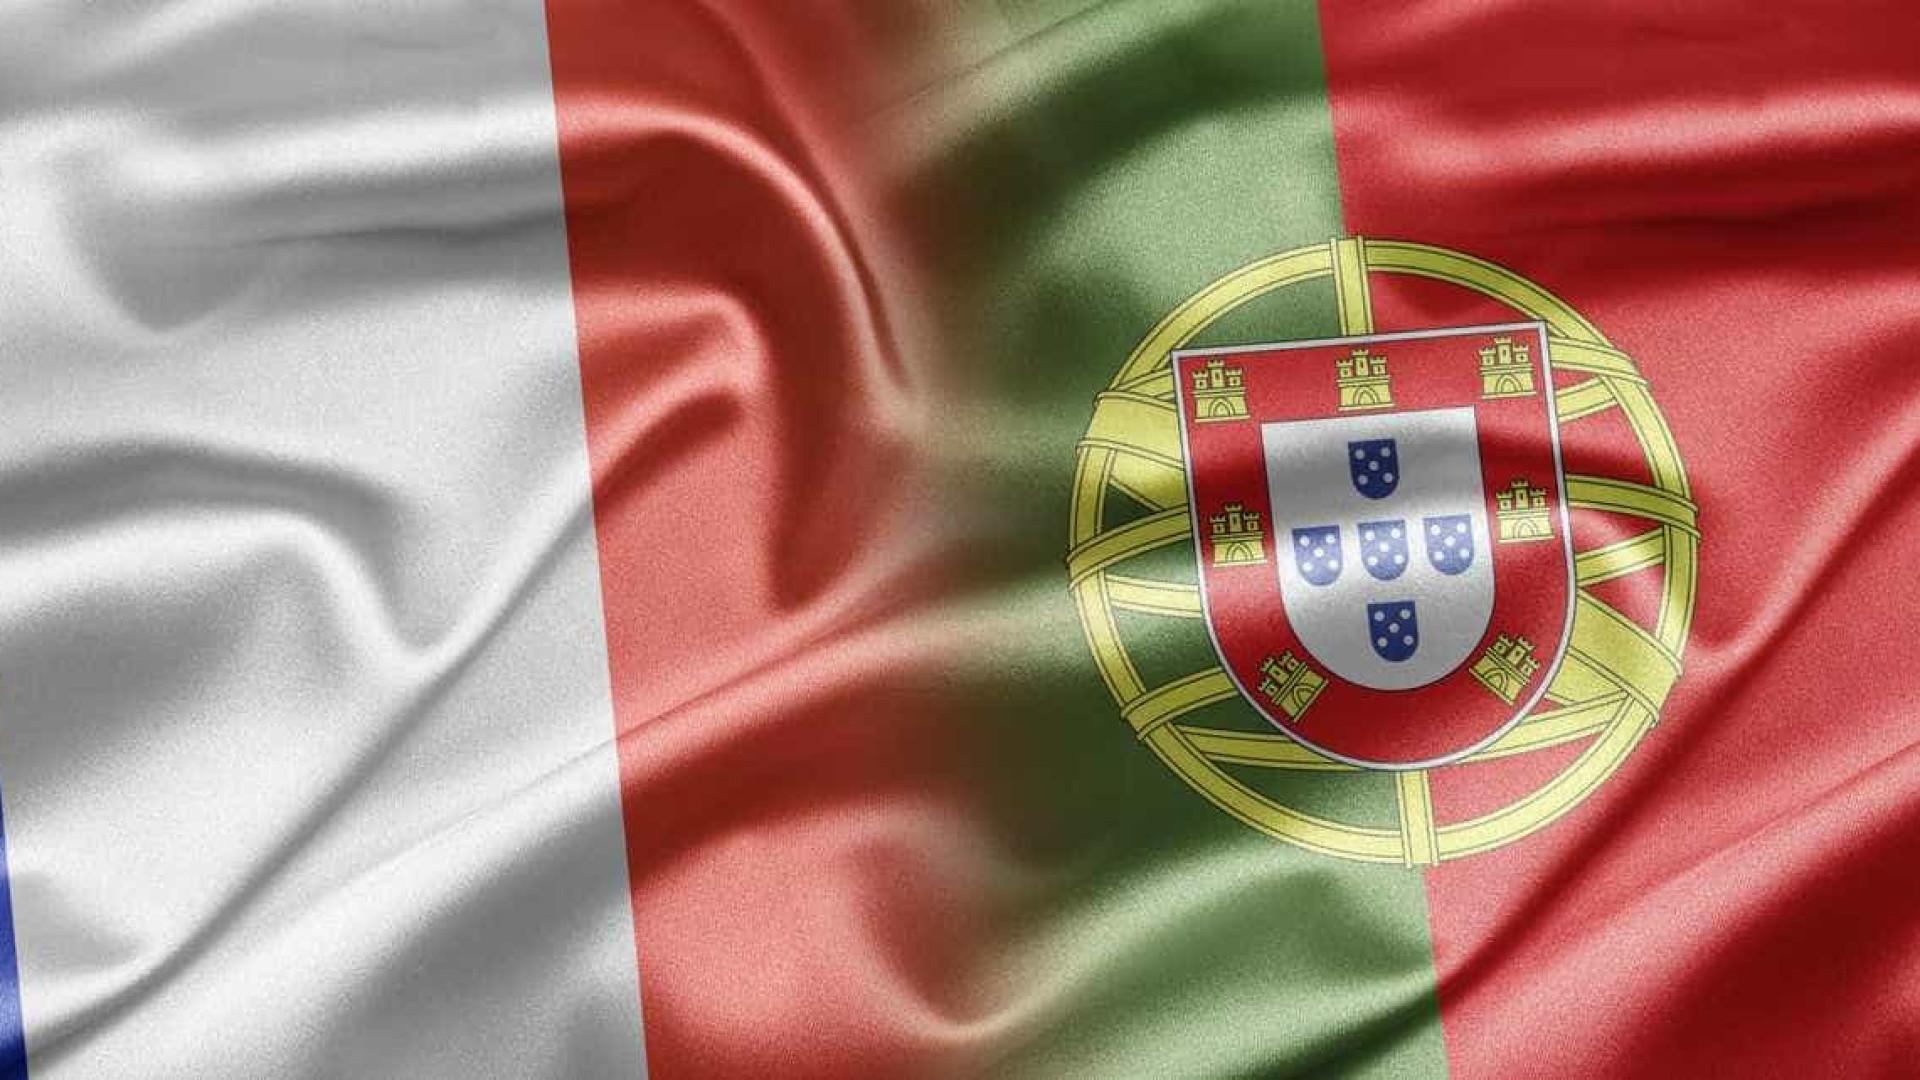 Autarcas de origem portuguesa querem contar no mapa político francês